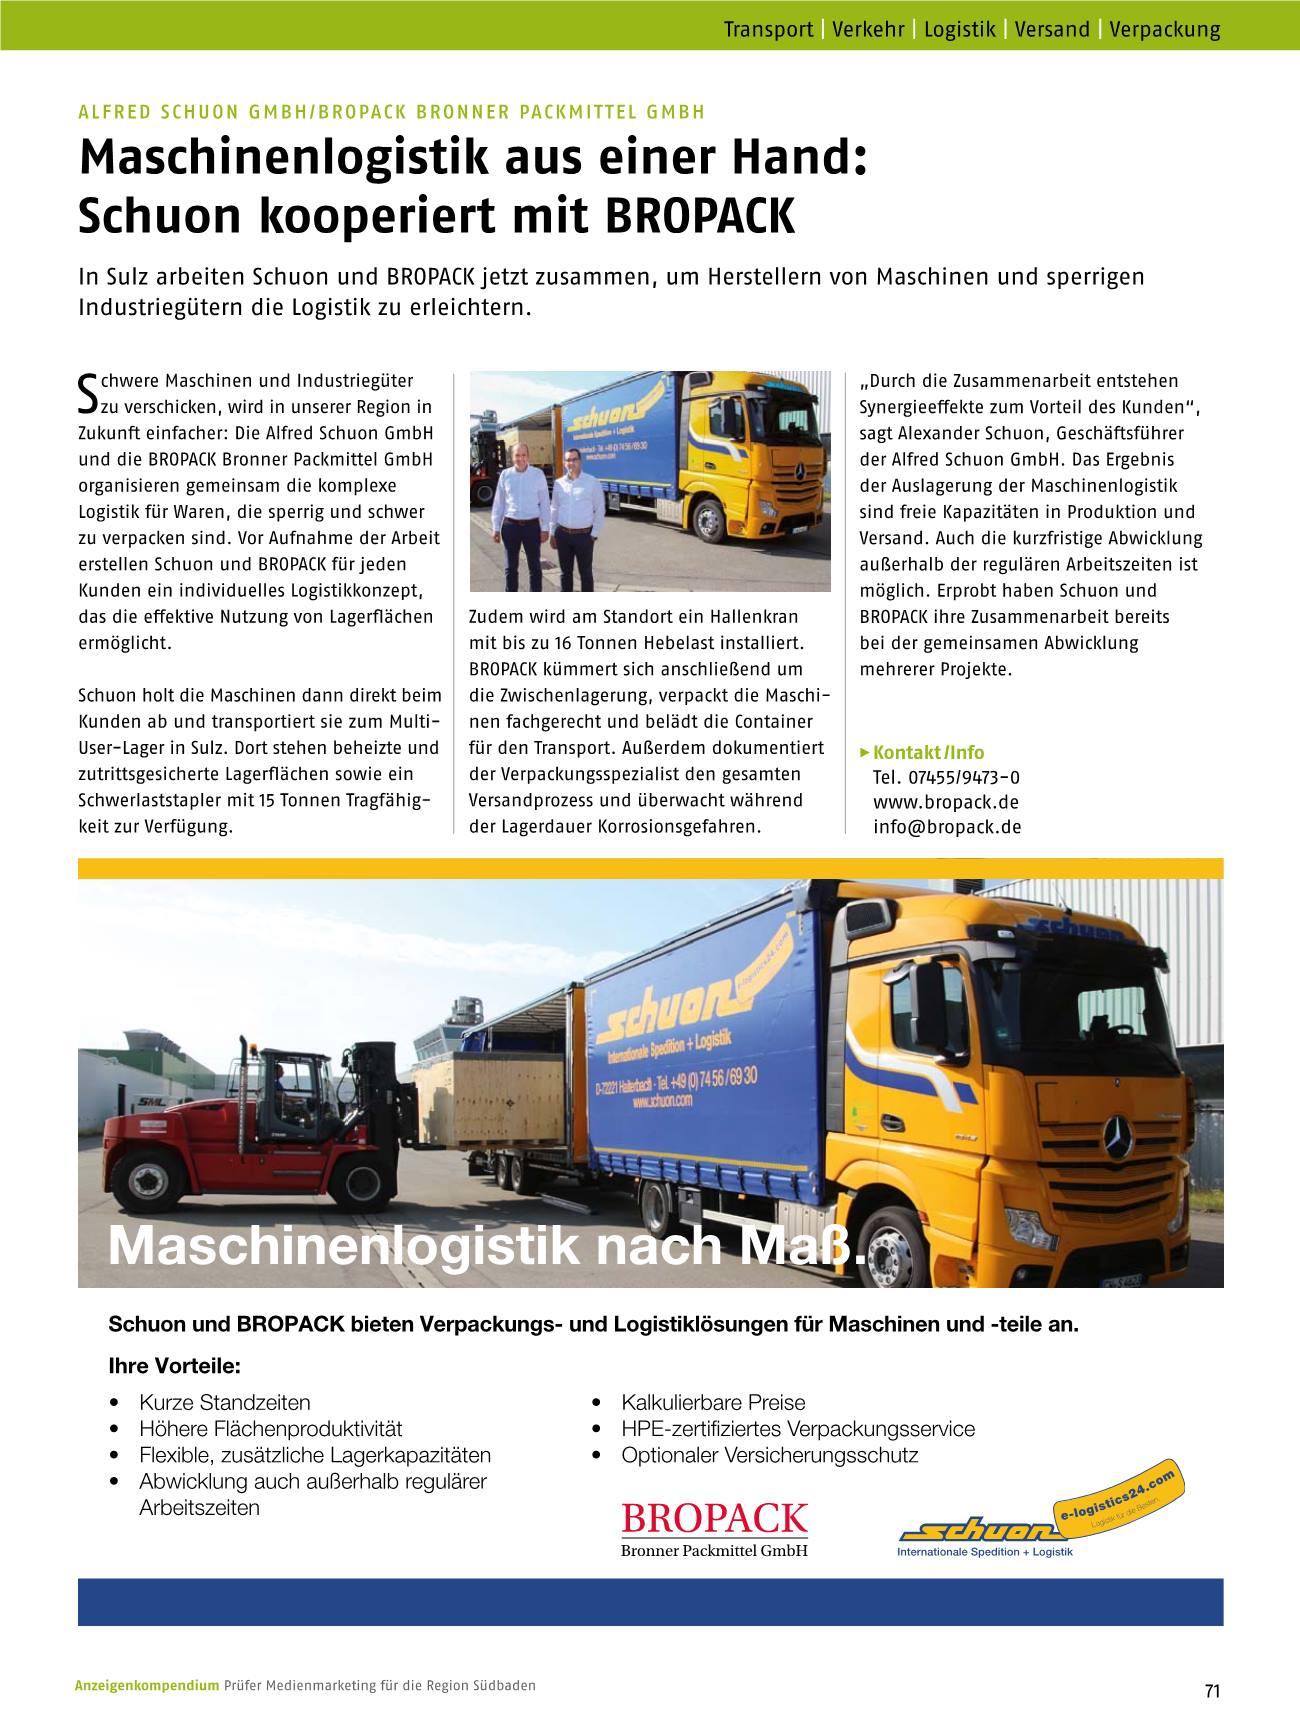 euro elektrowerkzeug und maschinen service gmbh